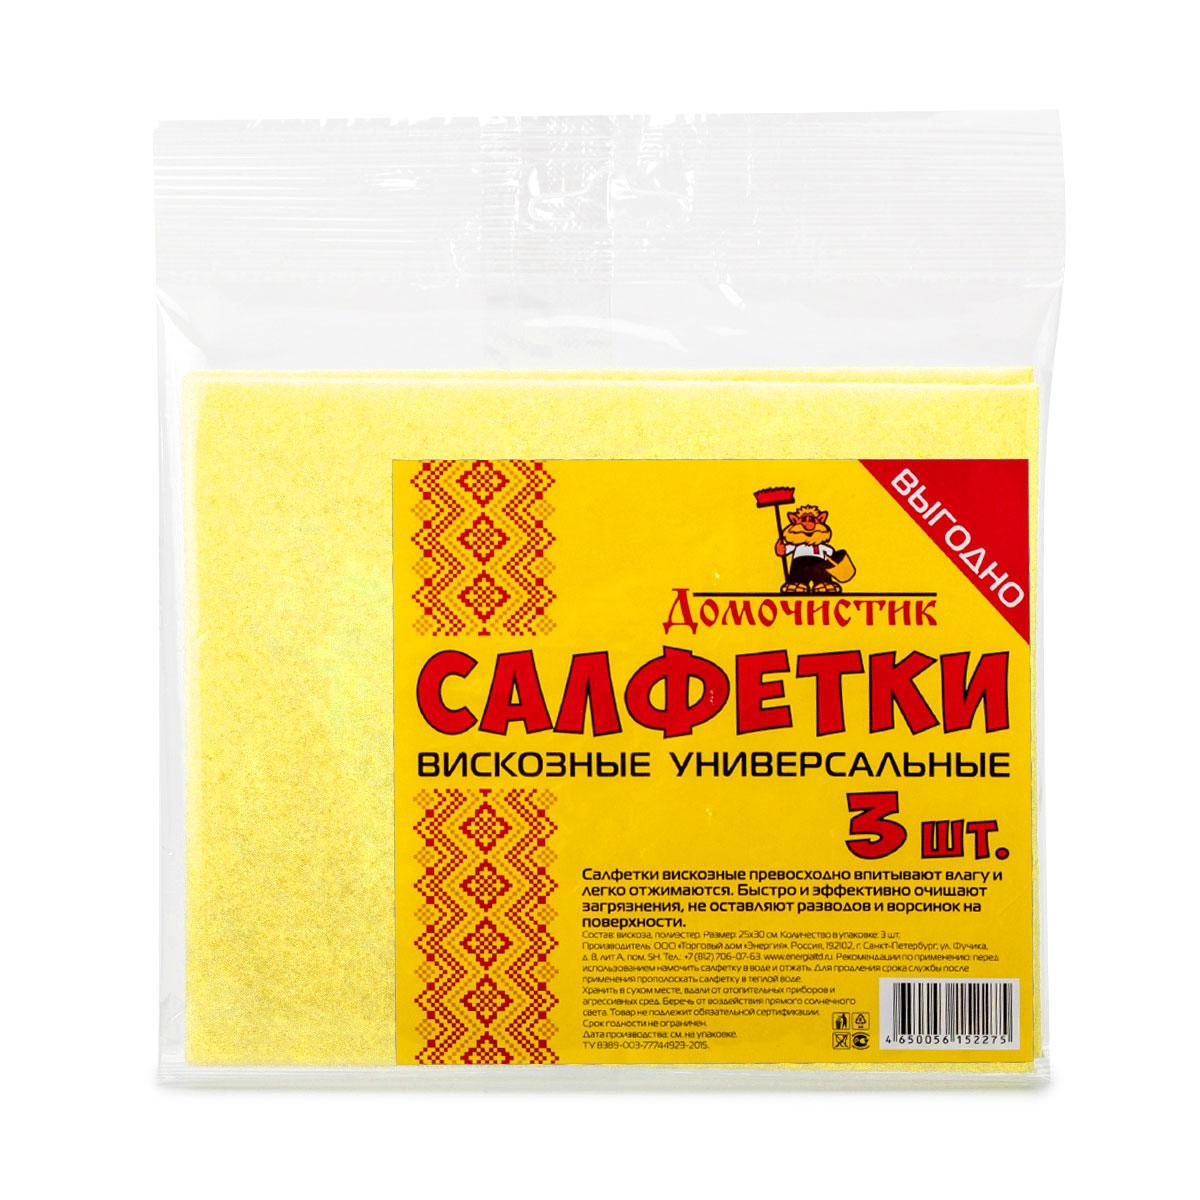 Салфетка для уборки Домочистик из вискозы, универсальная, цвет: желтый, 25 x 30 см, 3 шт13014Салфетки для уборки Домочистик, выполненные из вискозы и полиэстера, превосходно впитывают влагу и легко отжимаются. Они быстро и эффективно очищают загрязнения, не оставляют разводов и ворсинок на поверхности.В комплекте 3 салфетки.